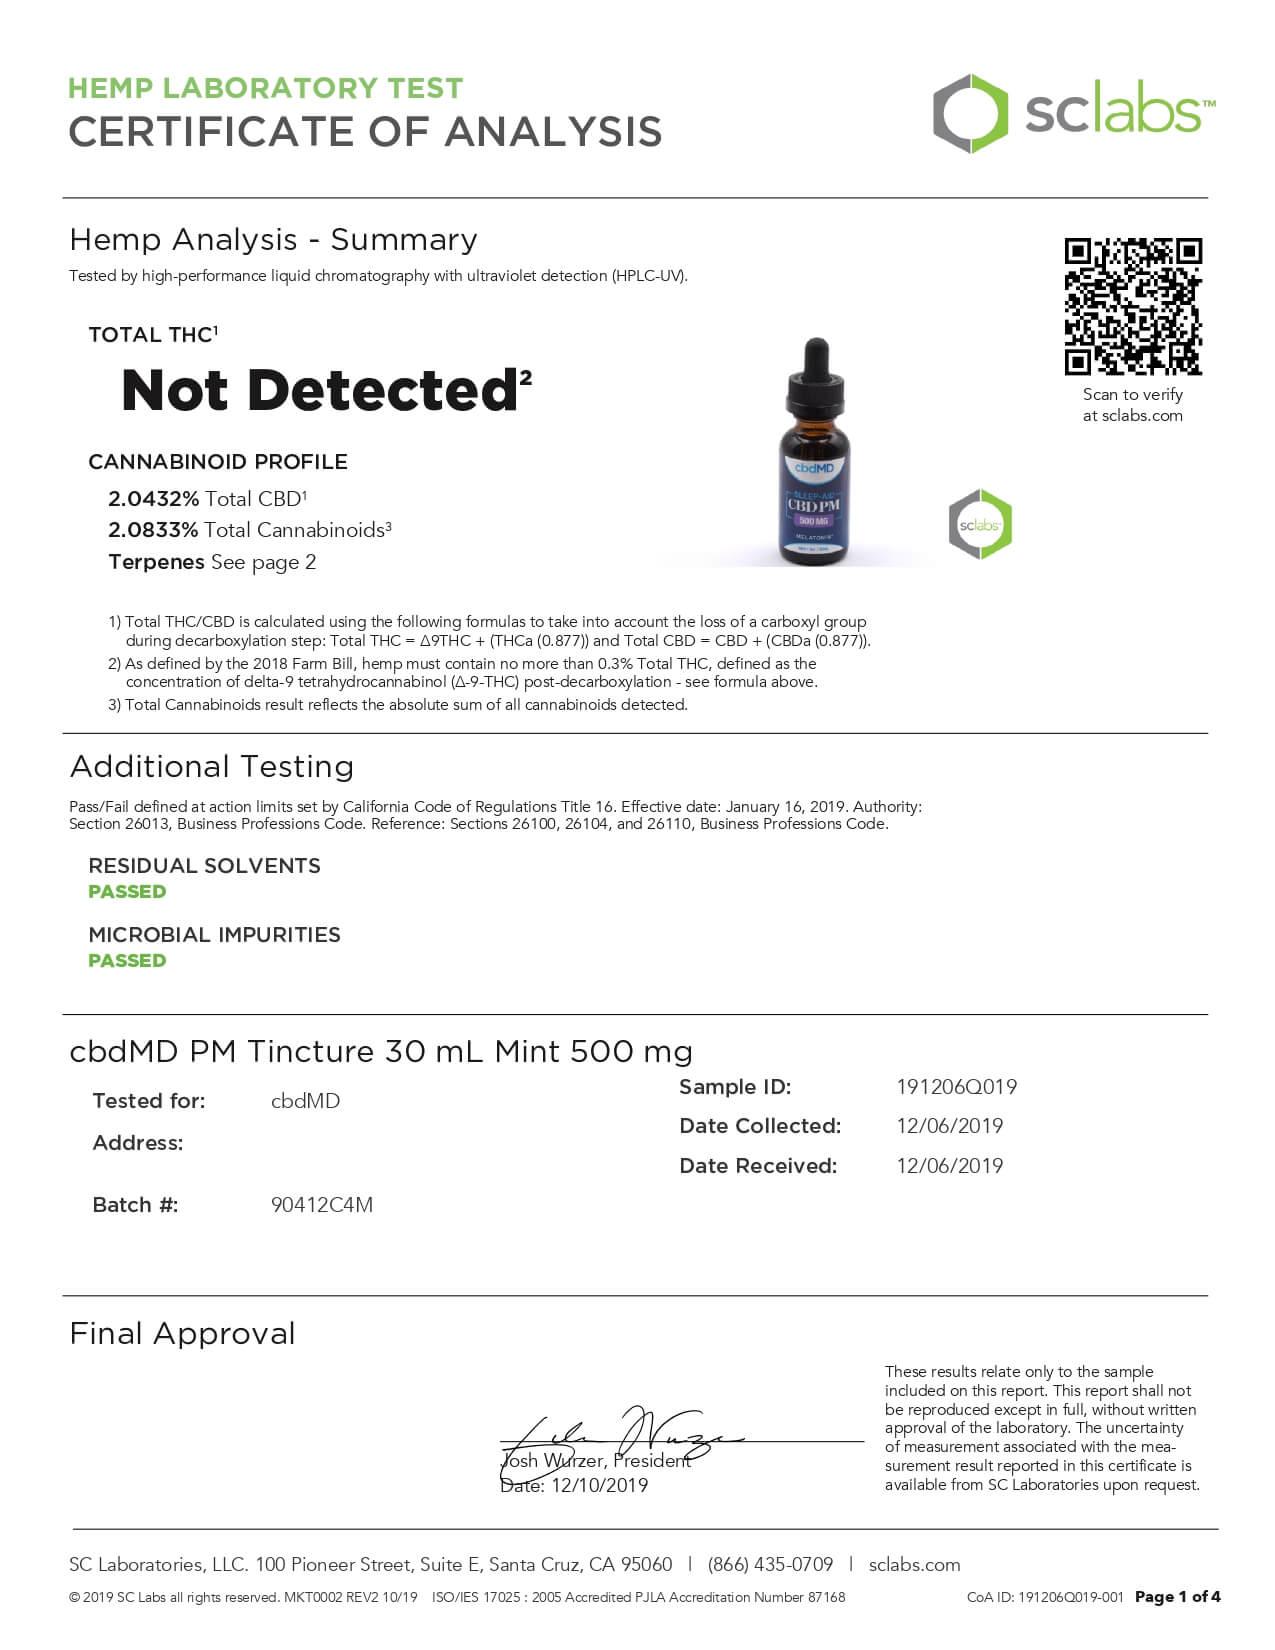 cbdMD CBD Tincture Broad Spectrum Mint 30ml 500mg Lab Report